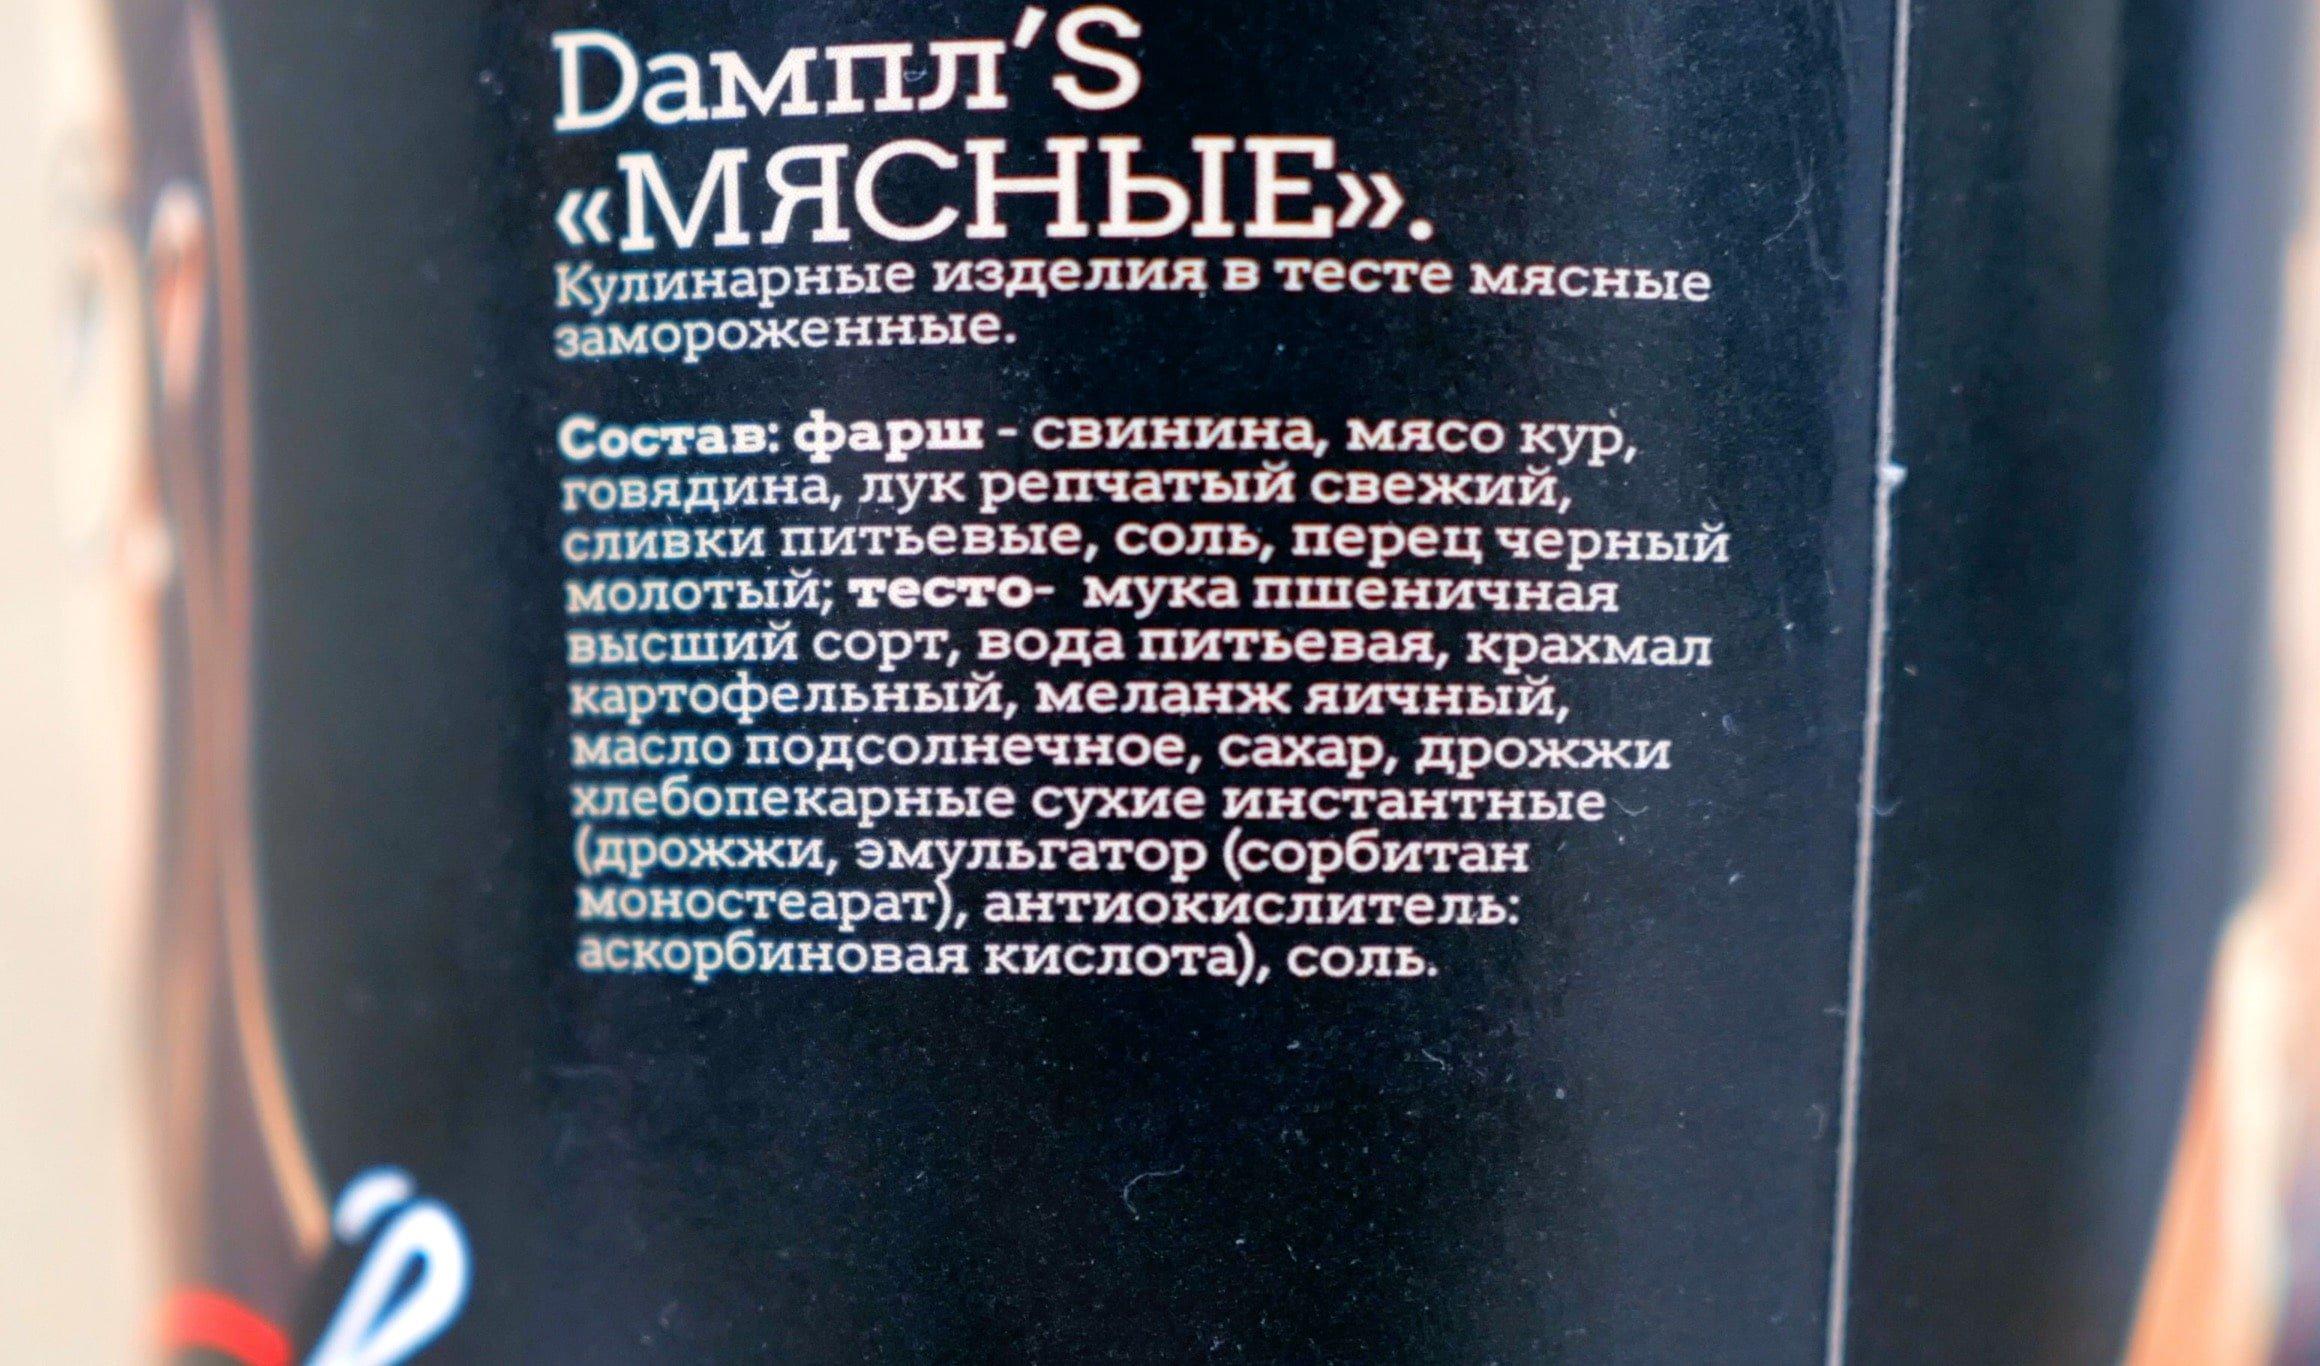 дамплс сибирская коллекция состав продукта